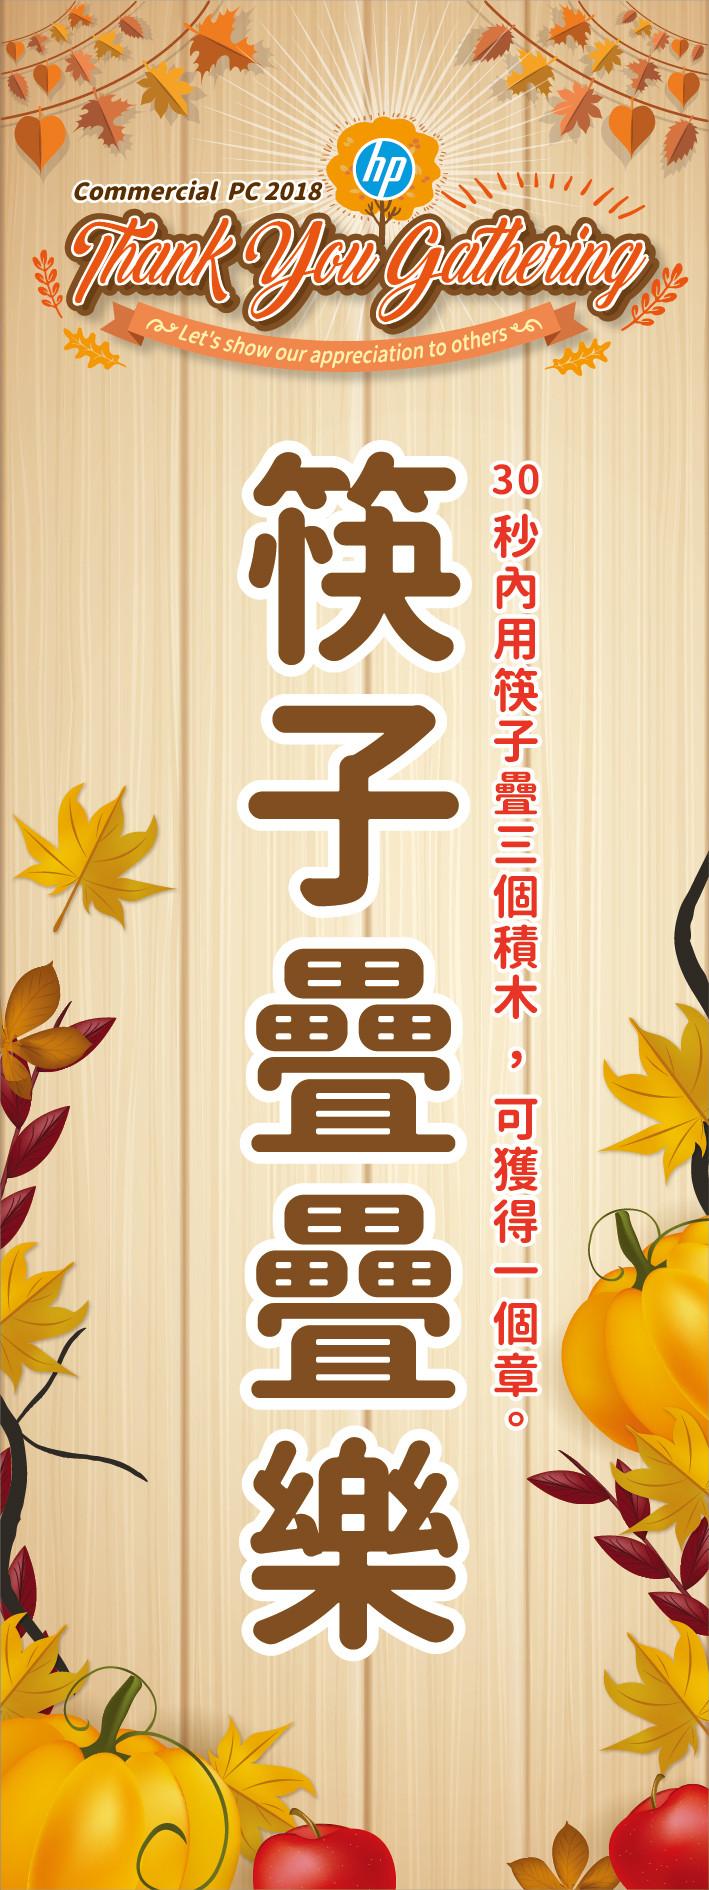 HP-感恩節-攤位招牌-2_筷子疊疊樂.jpg